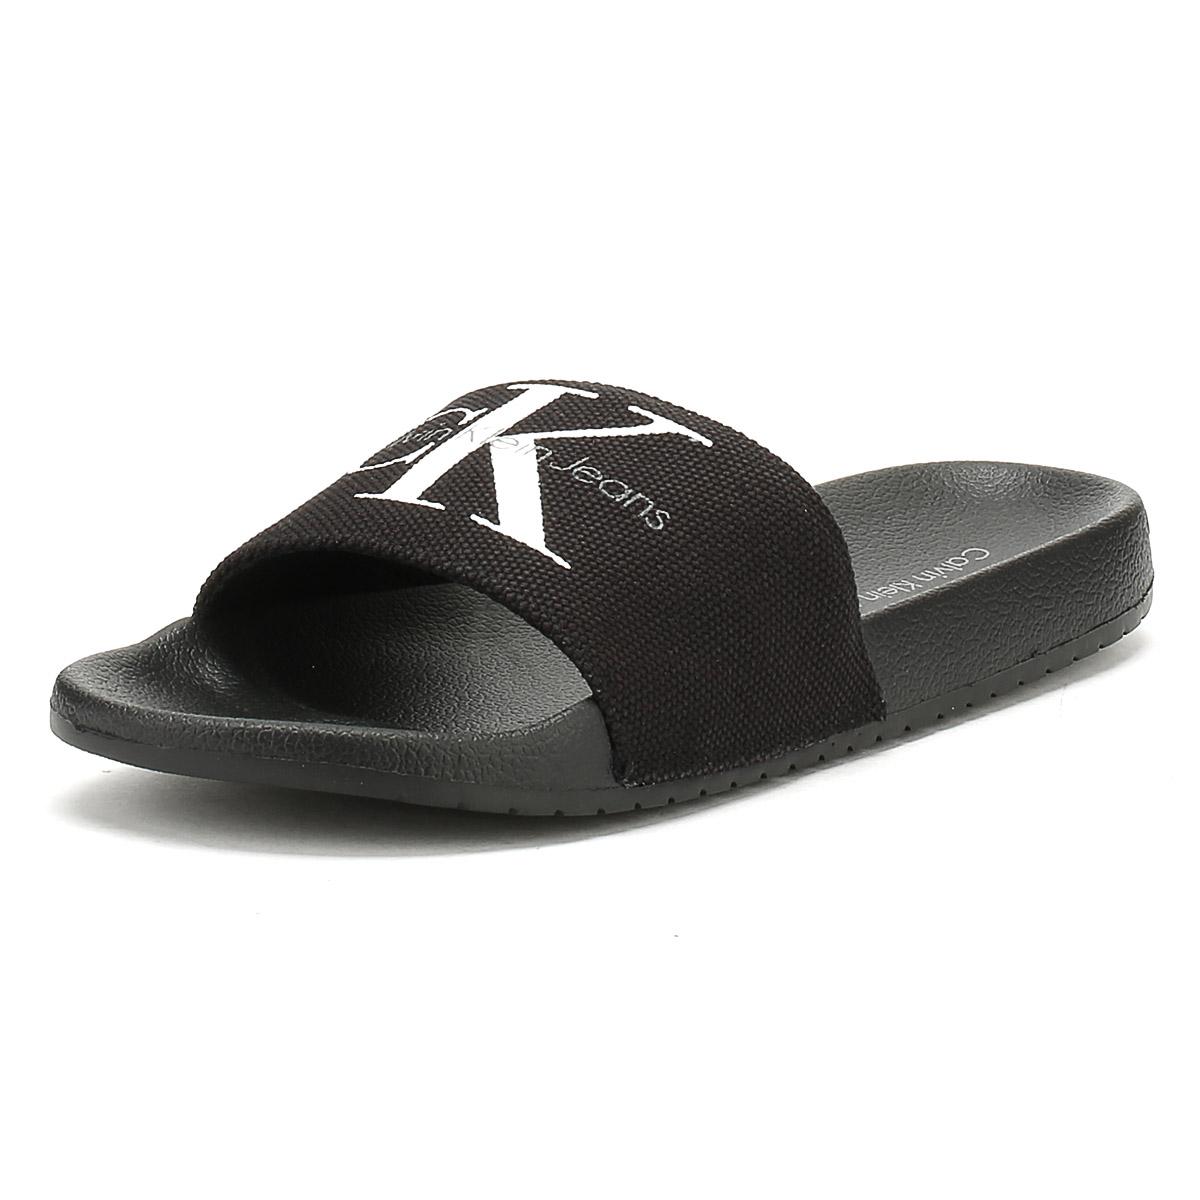 c116e973b Details about Calvin Klein Jeans Mens Black Viggo Slides Summer Flip Flops  Beach Shoes